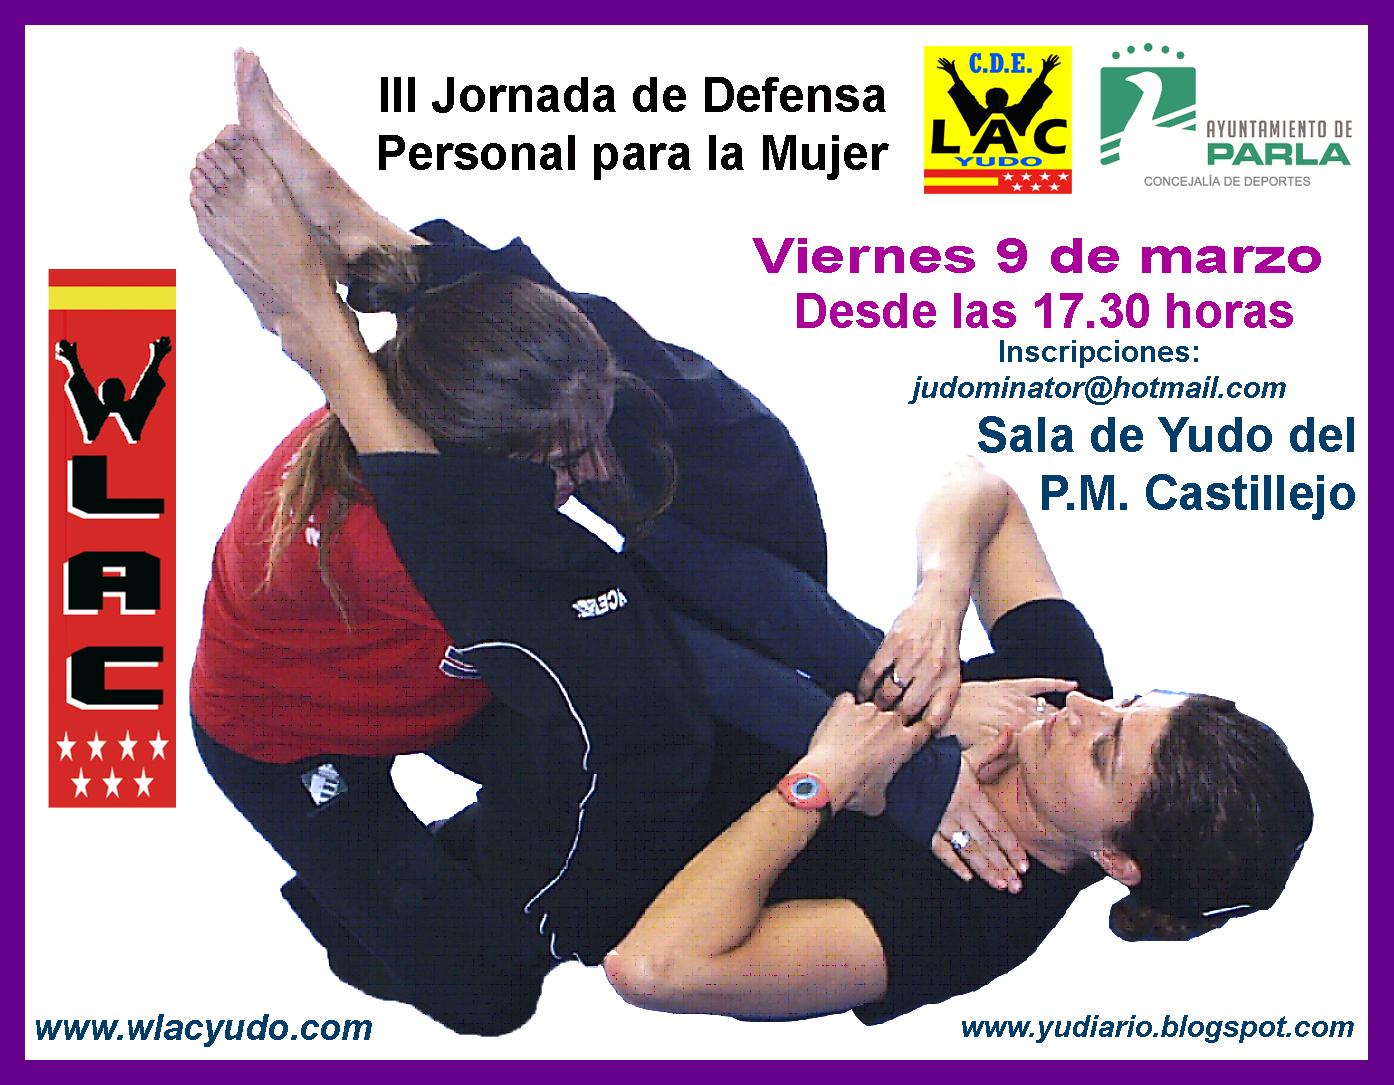 Cartel Defensa Personal para la Mujer